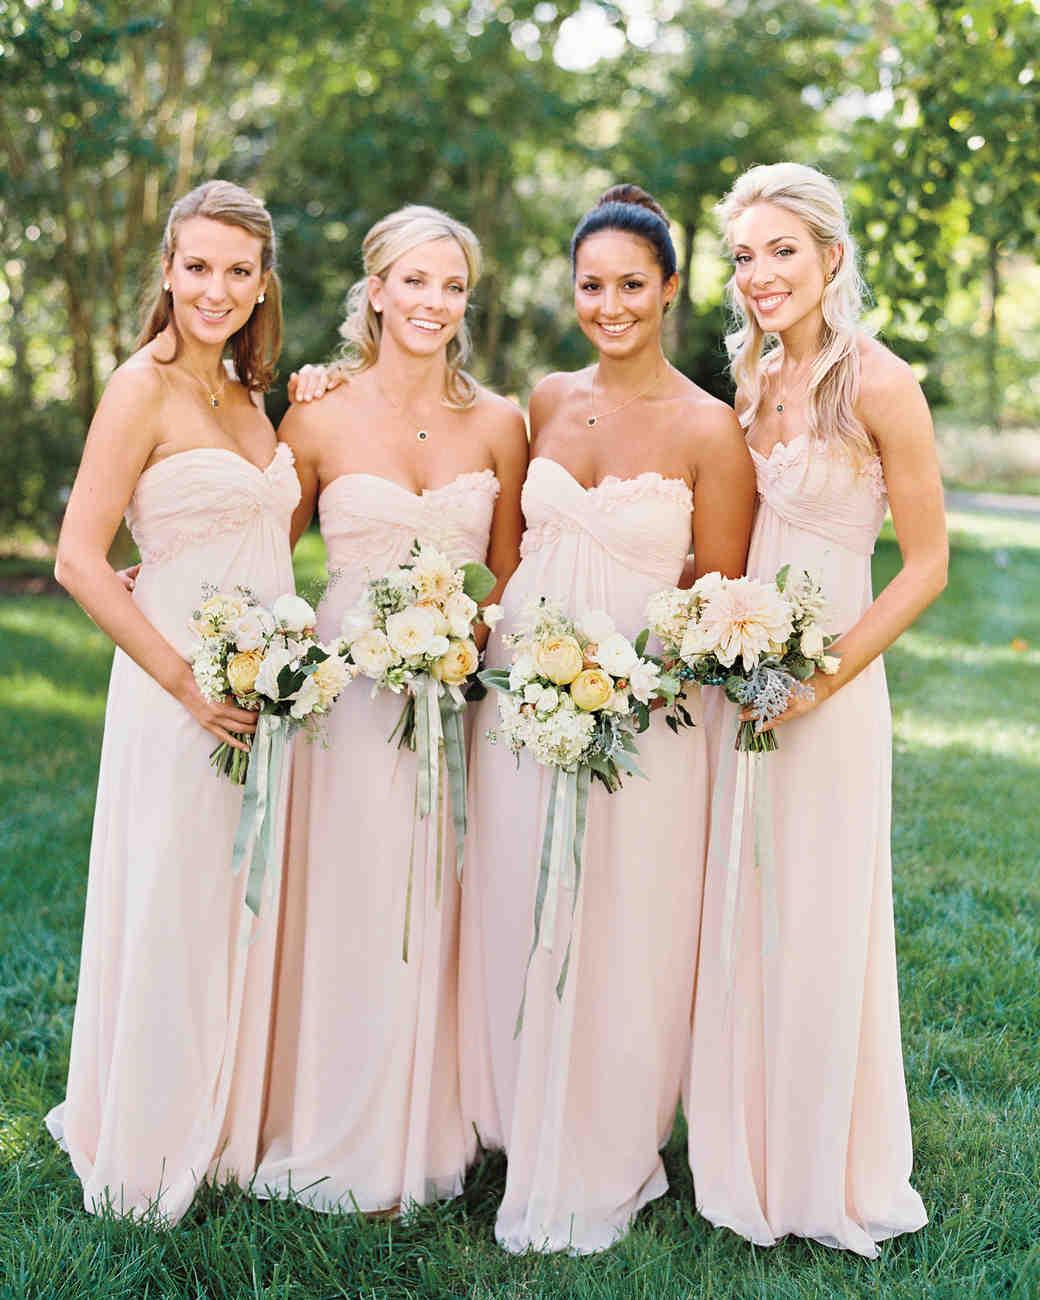 bridesmaids-bouquet-004844-r-1-011-mwds110148.jpg